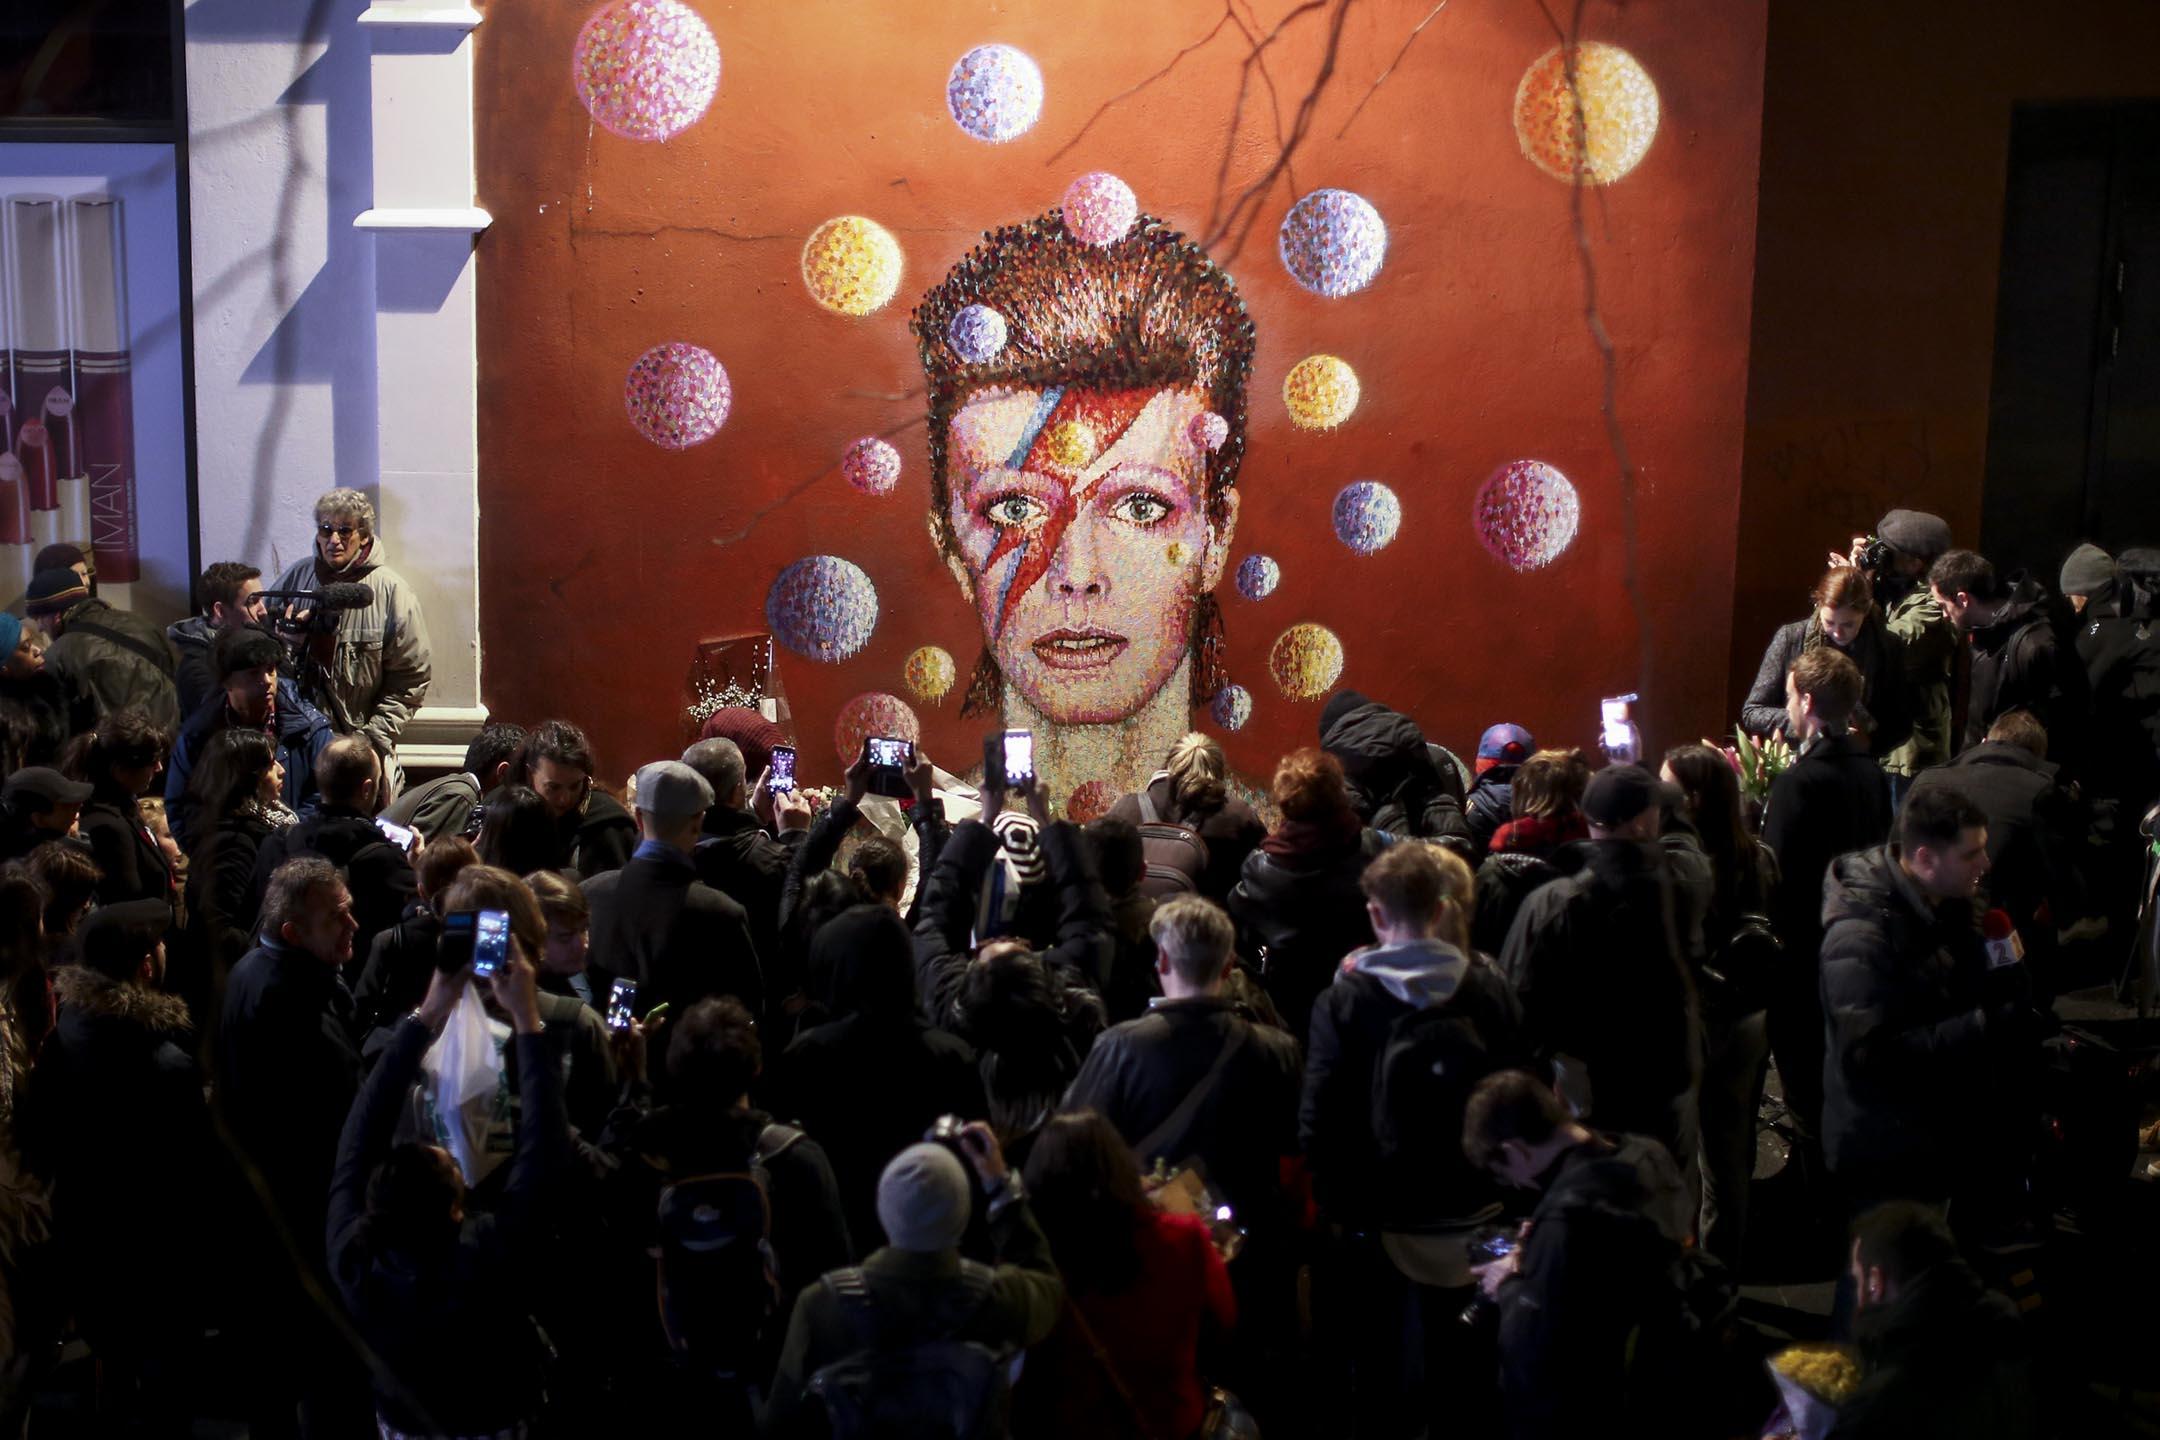 2016年1月10日,英國傳奇搖滾樂手大衞寶兒(David Bowie)因癌症病逝,享年69歲。 攝:Carl Court/Getty Images